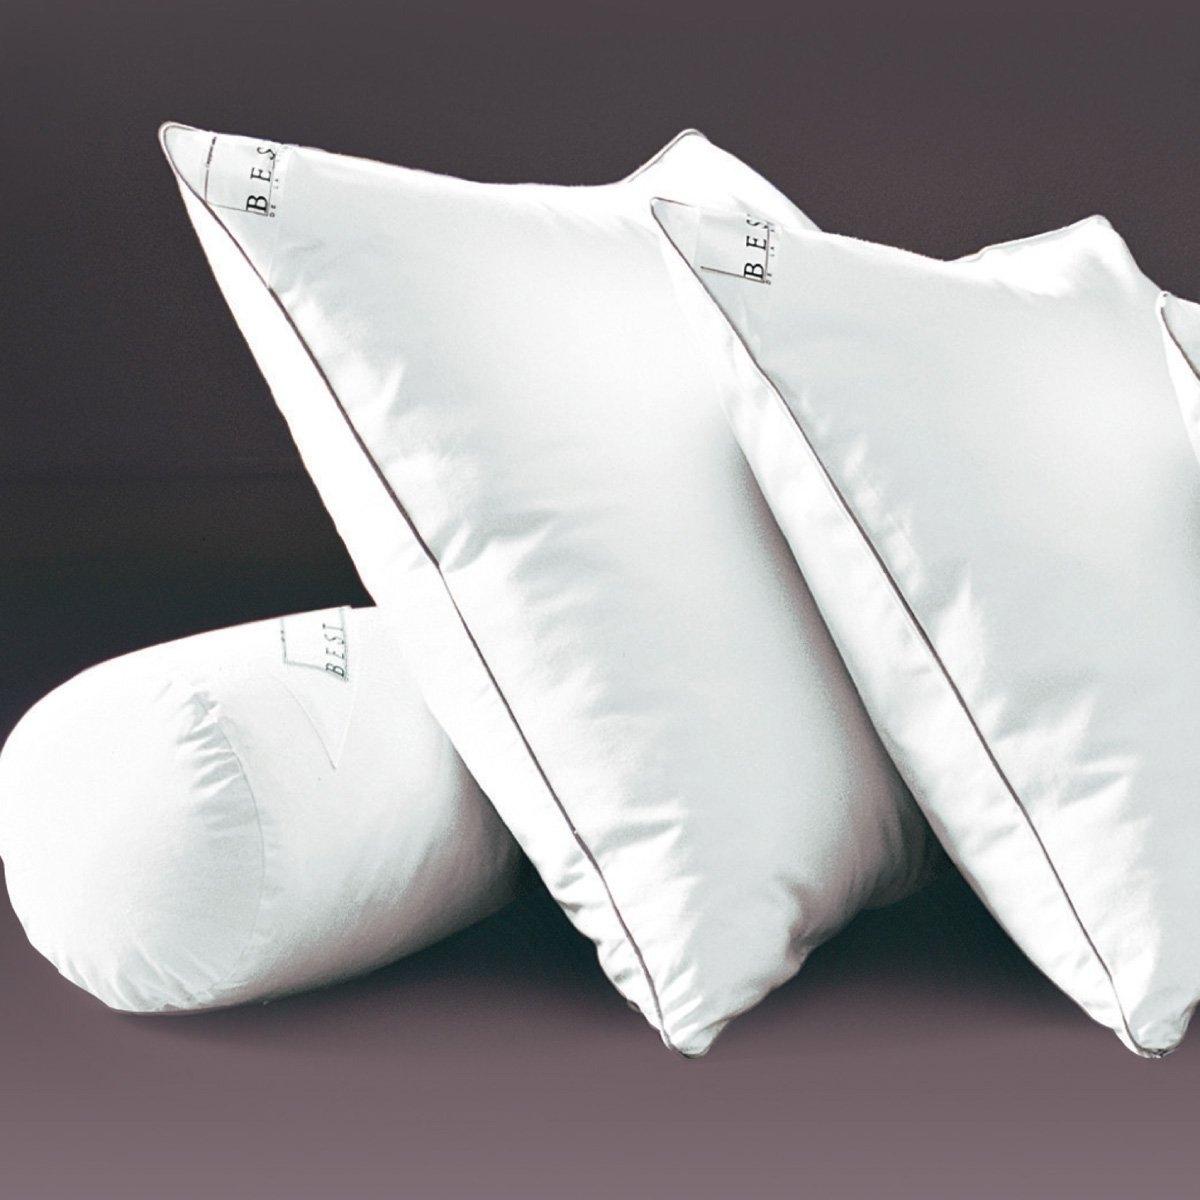 Cuscino cilindrico in schiuma viscoelastica, trattamento PRONEEM